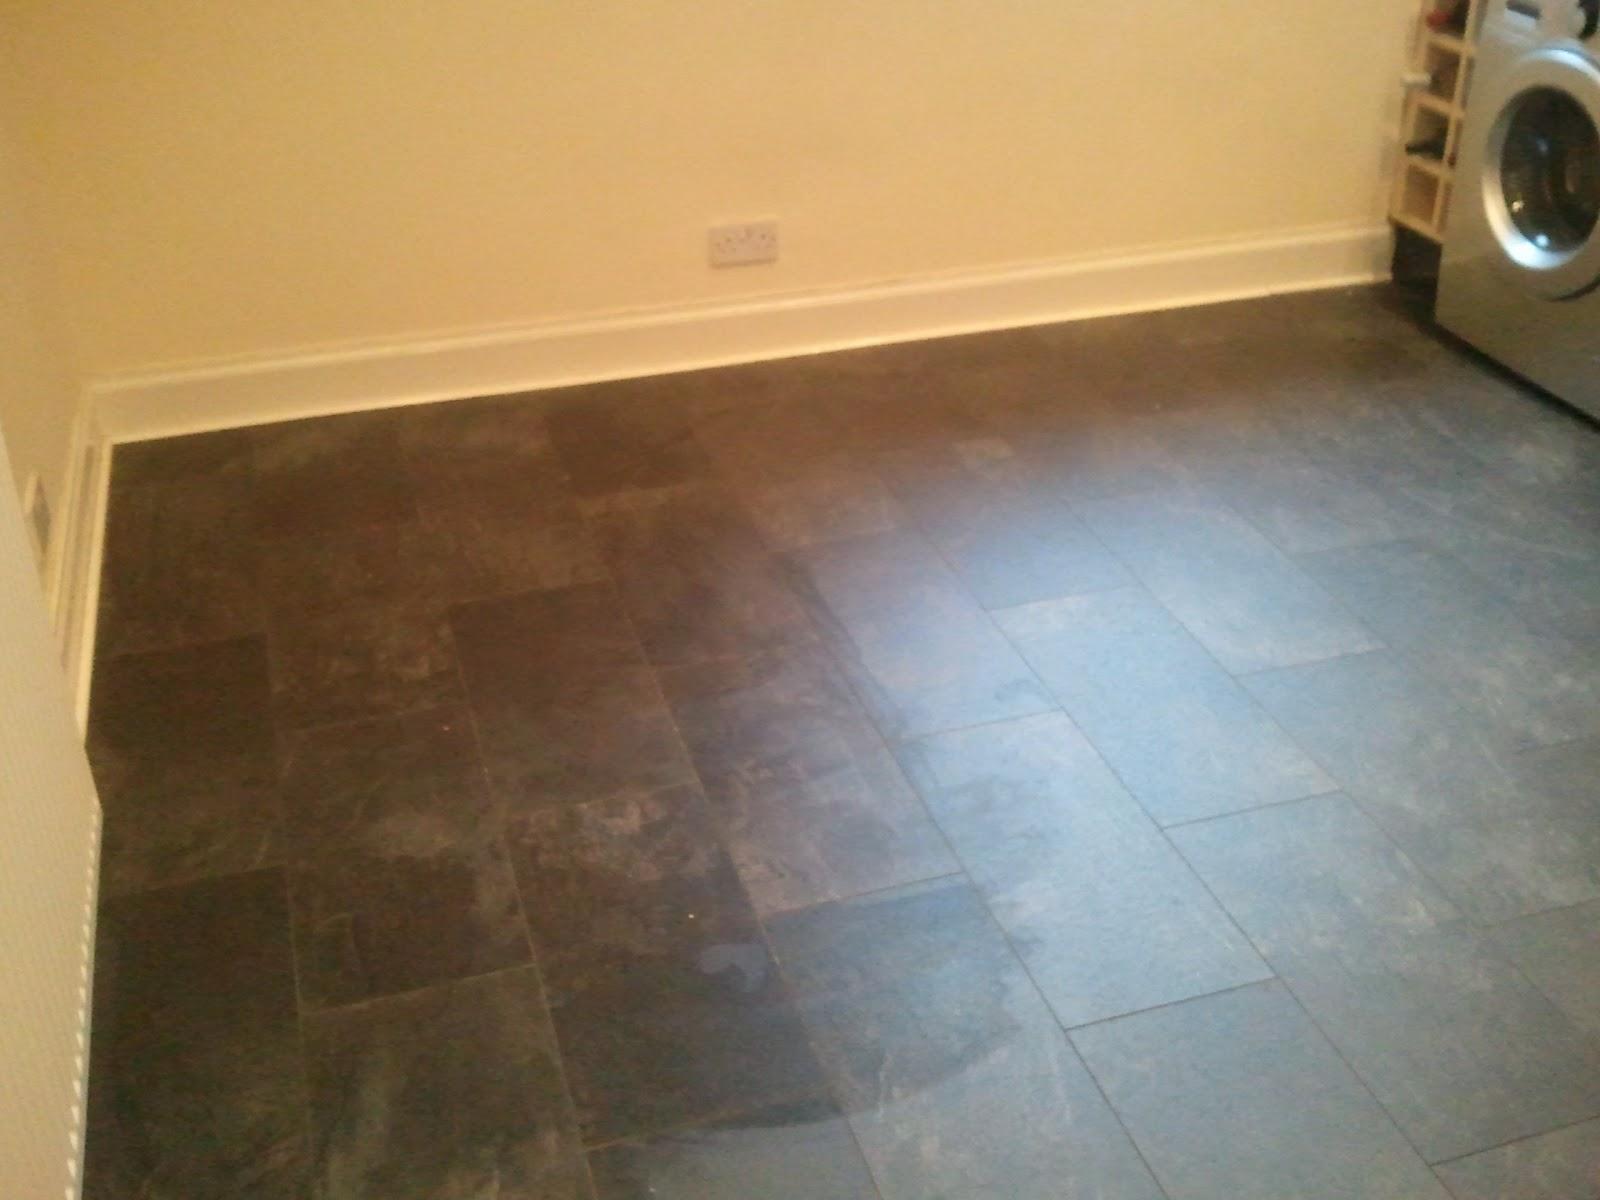 Lemax Flooring Updates: Kitchen Floor Installed With B&Q